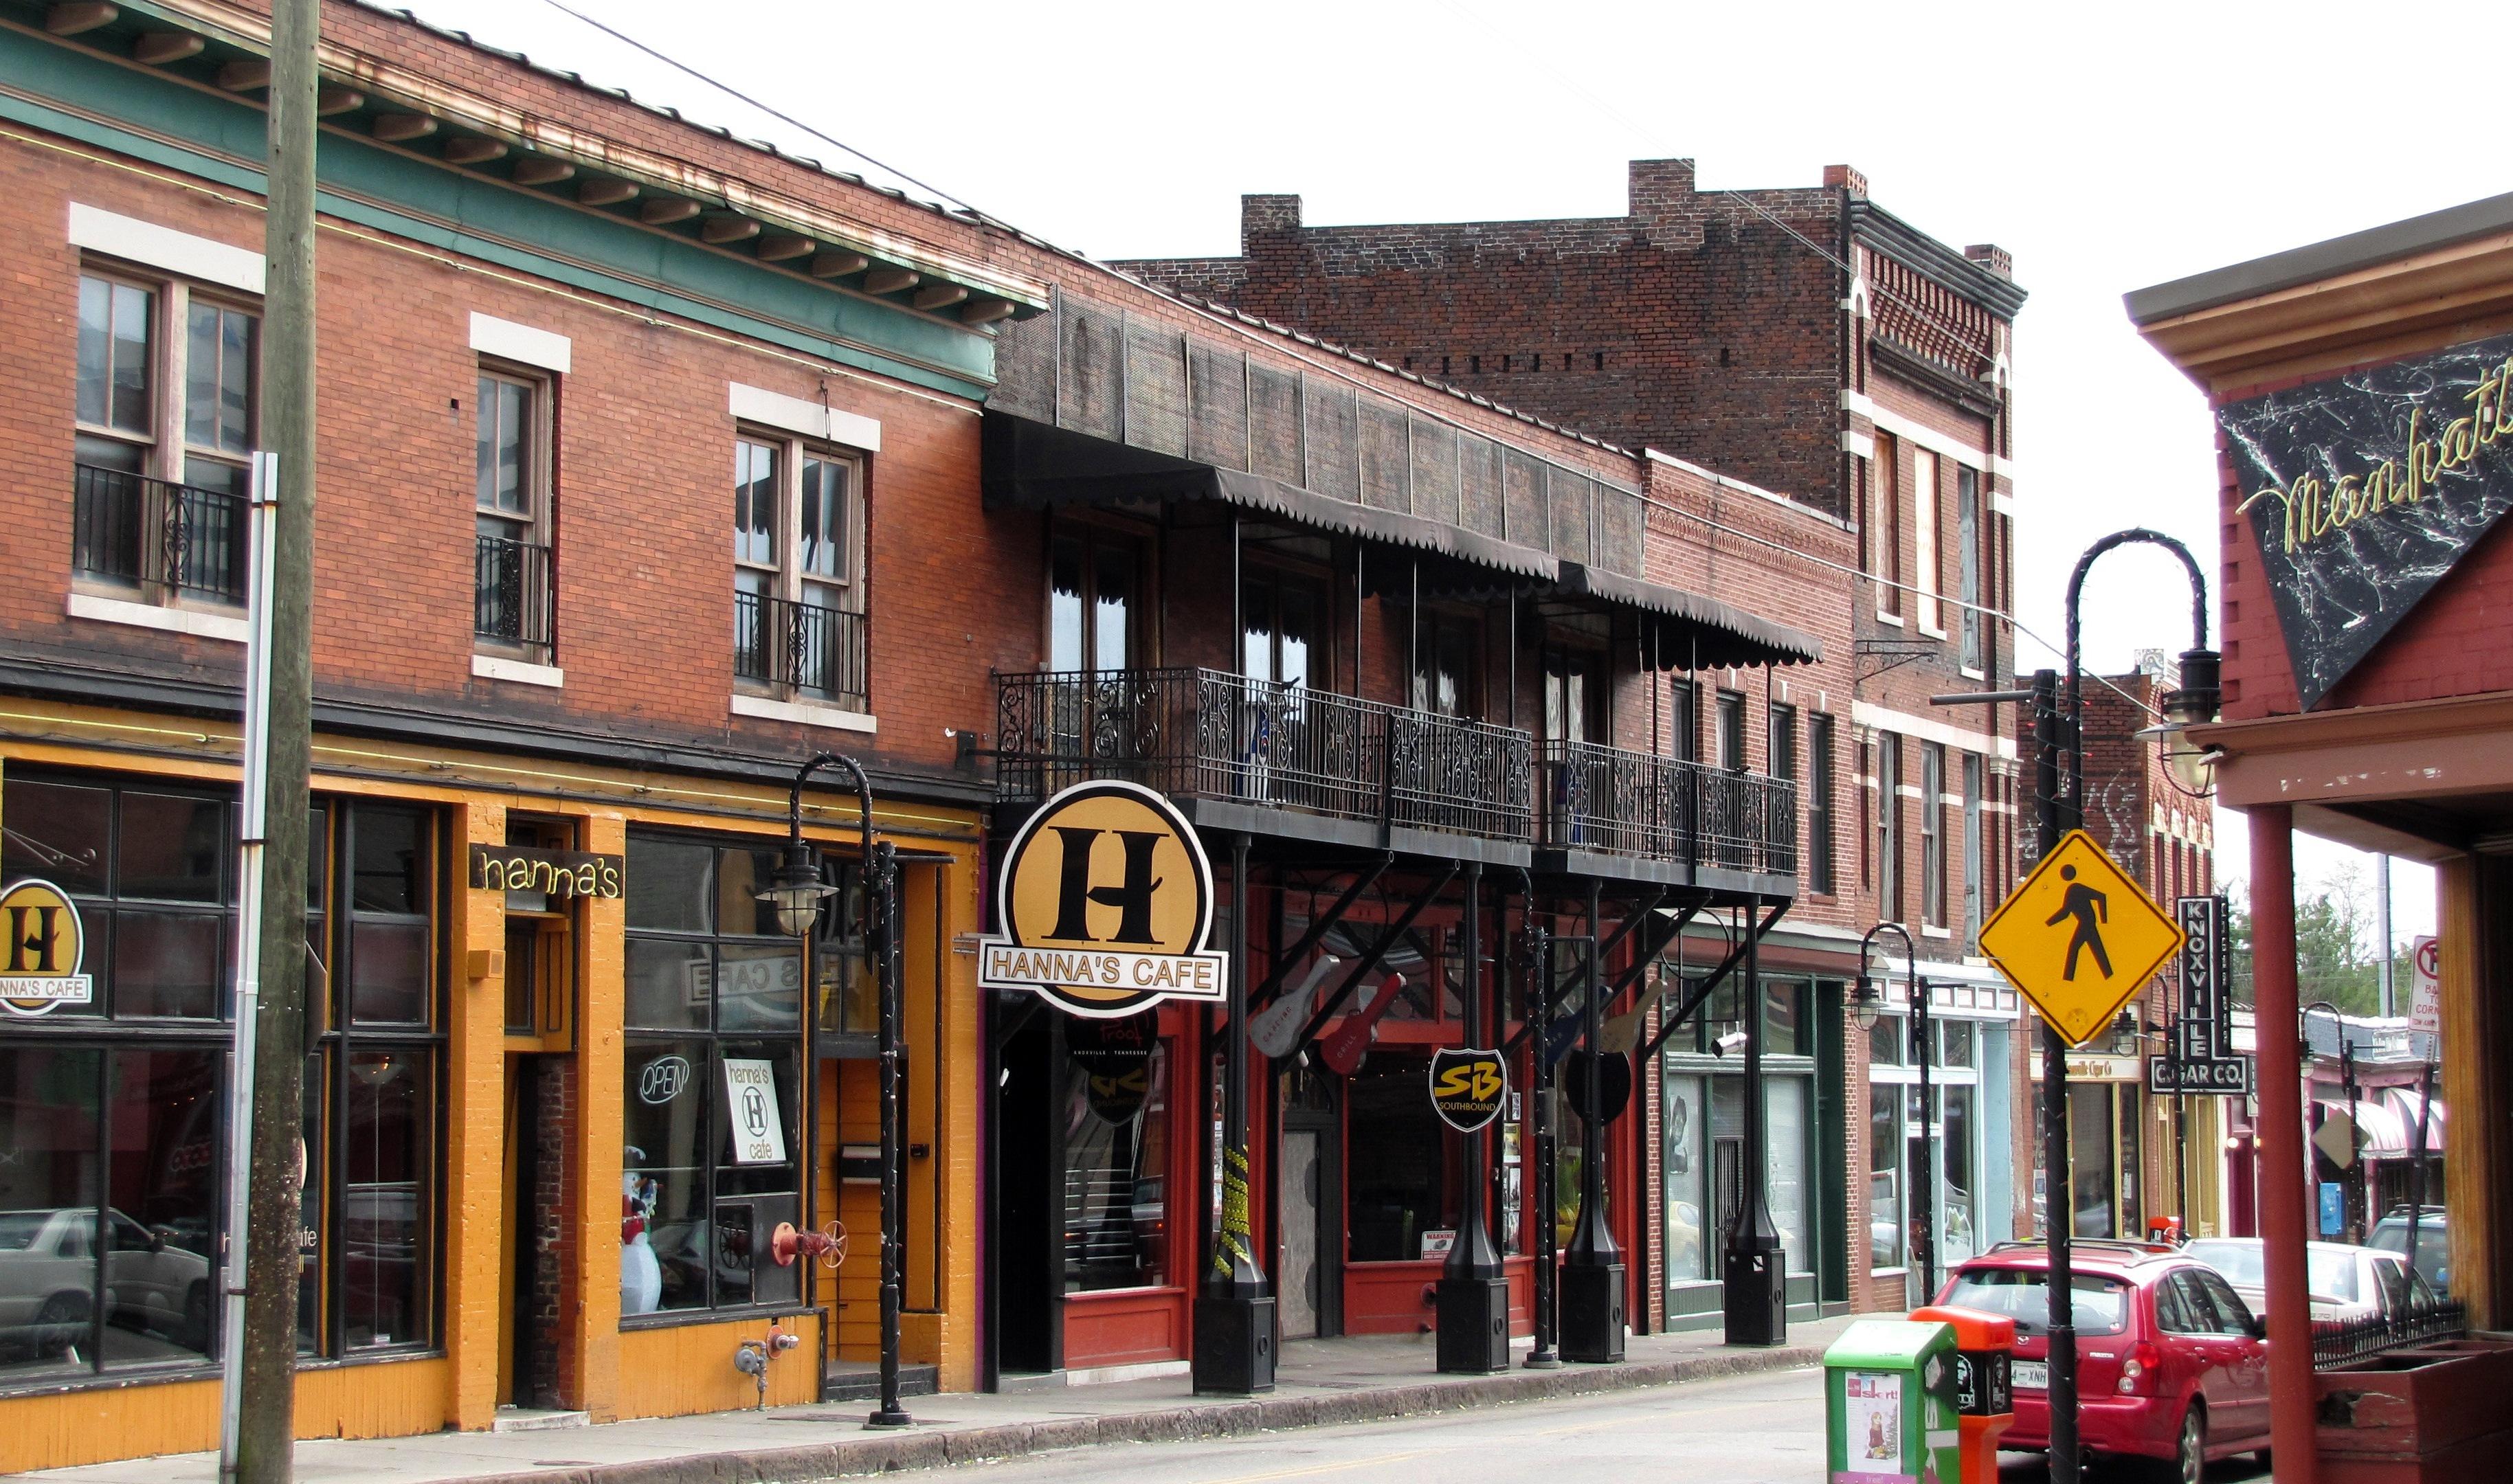 Hanna S Cafe Farragut